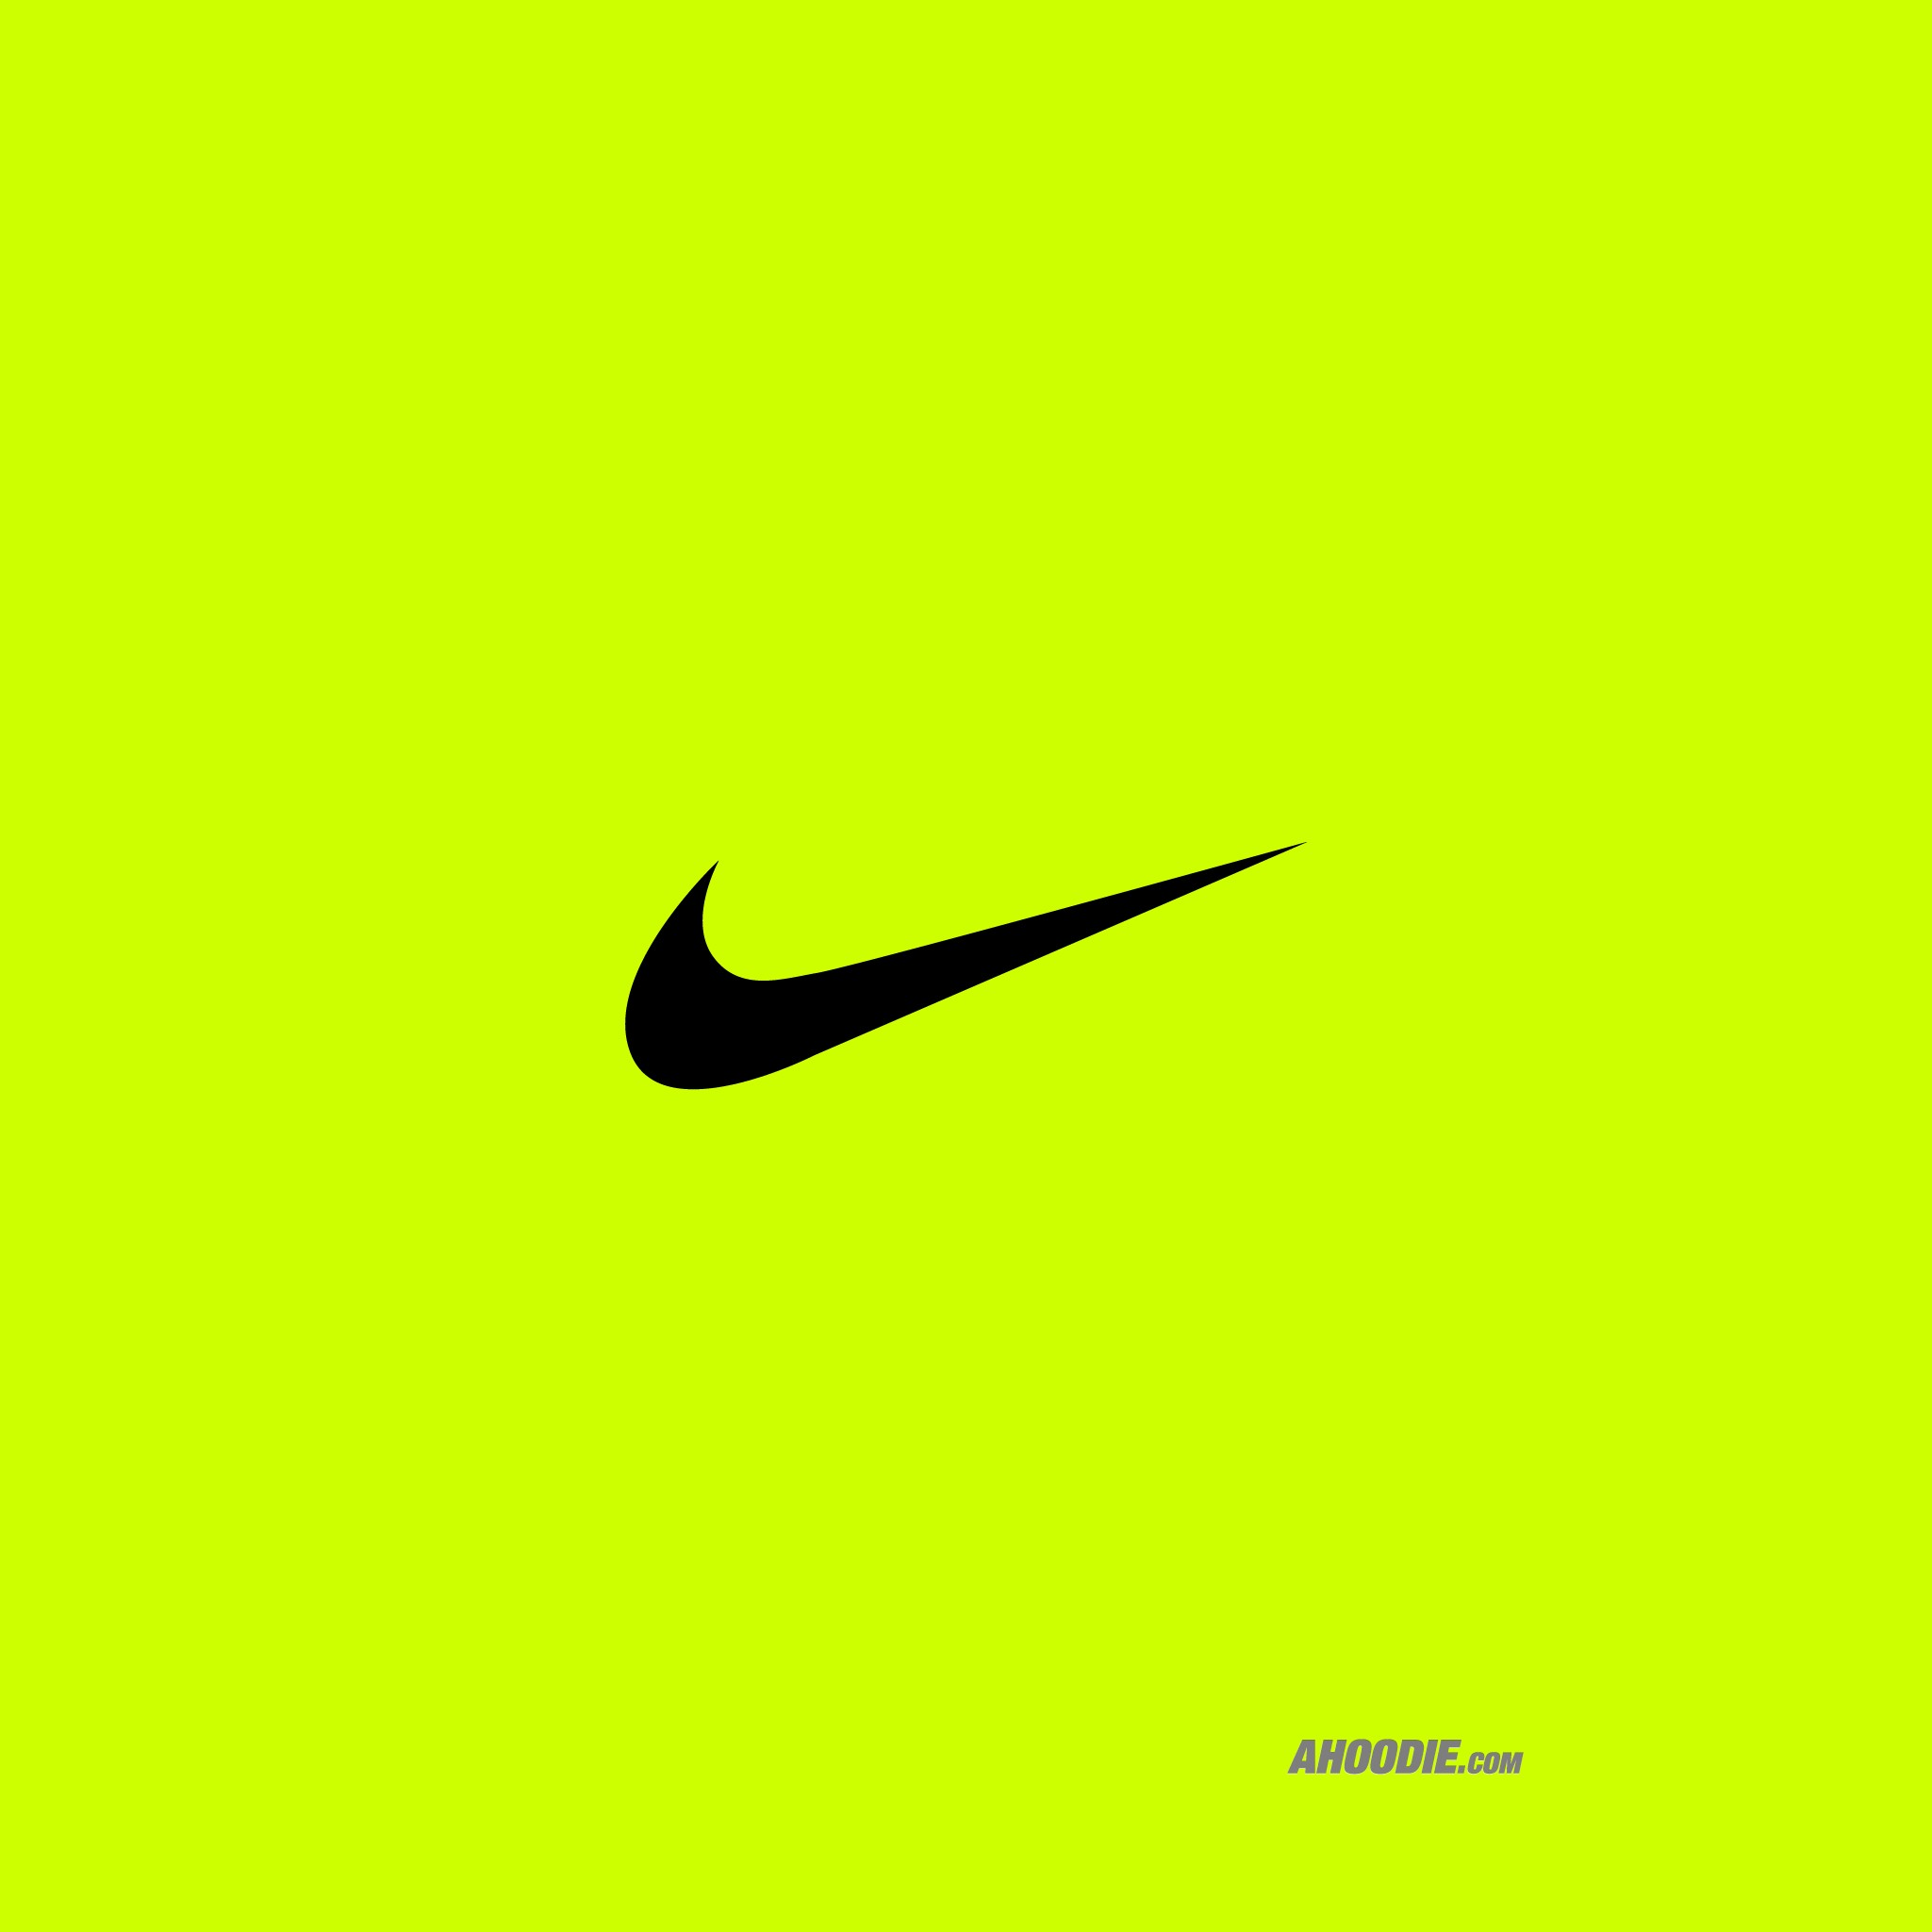 nike yellow logo